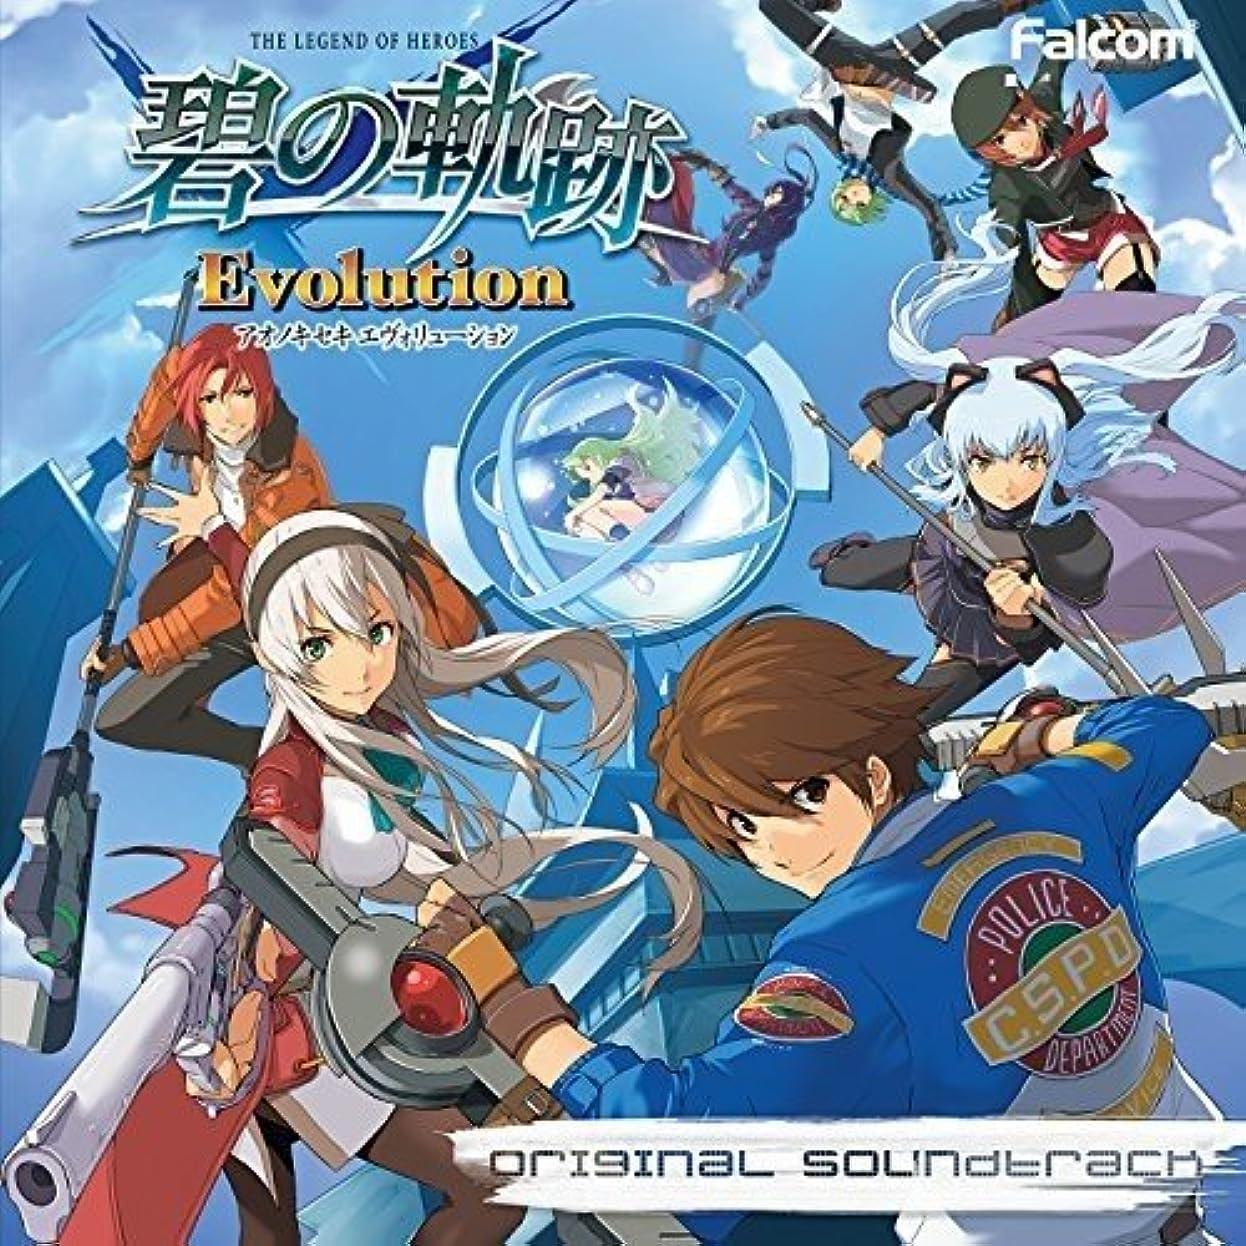 せっかちアーティスト版英雄伝説 碧の軌跡 Evolution オリジナルサウンドトラック